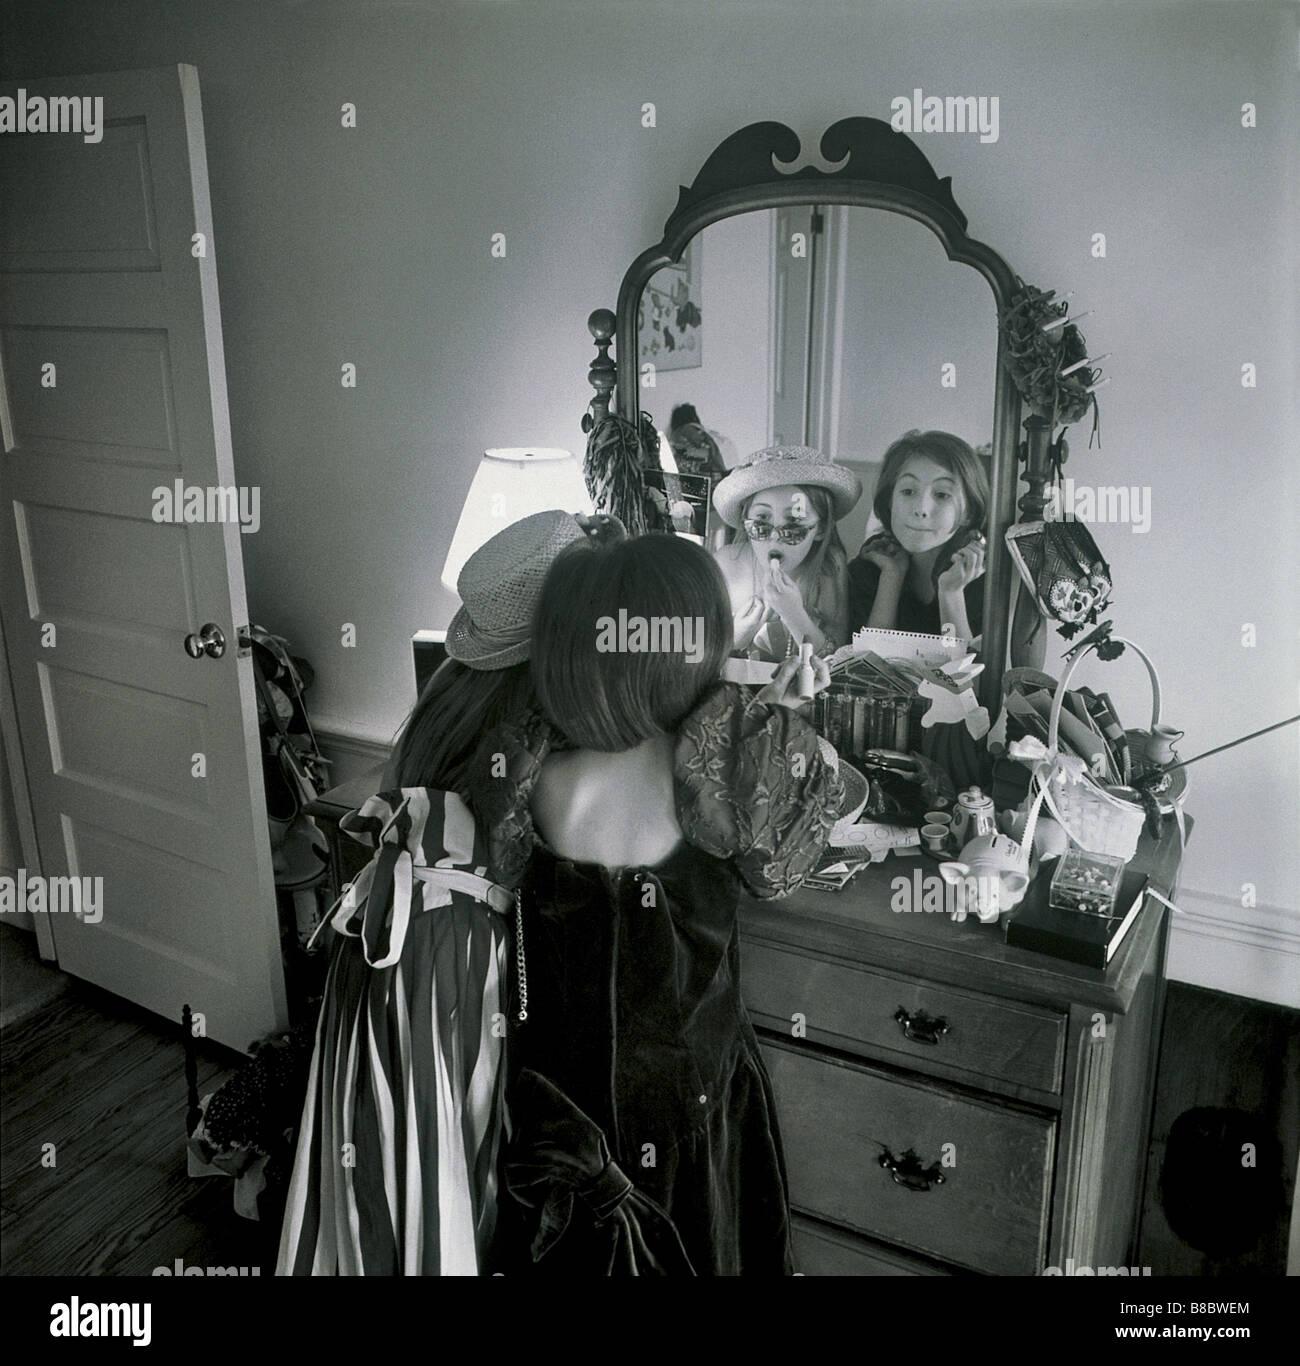 FL4881, Nick Kelsh; deux jeunes filles jouer Dress-up mirror, P.C. Photo Stock